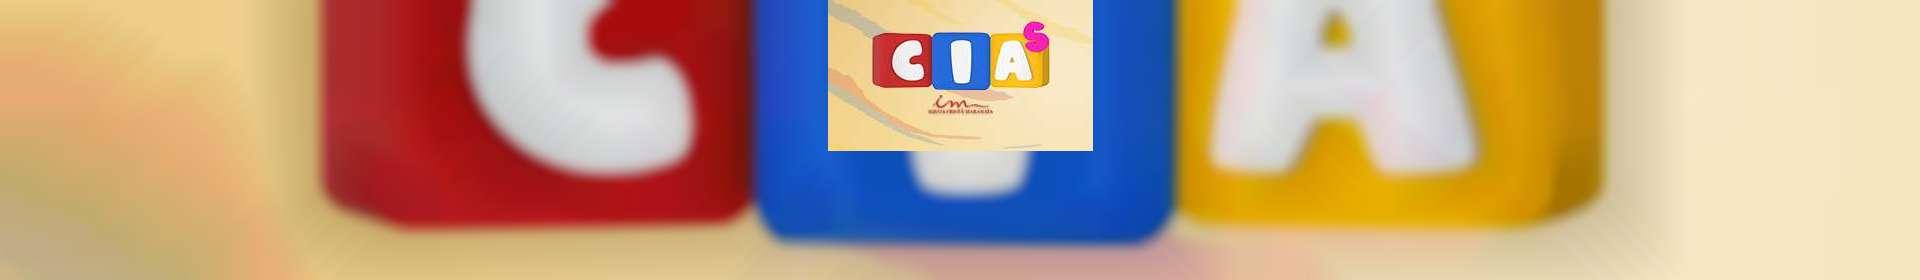 Aula de CIAS: classe de 07 a 11 anos - 17 de setembro de 2020